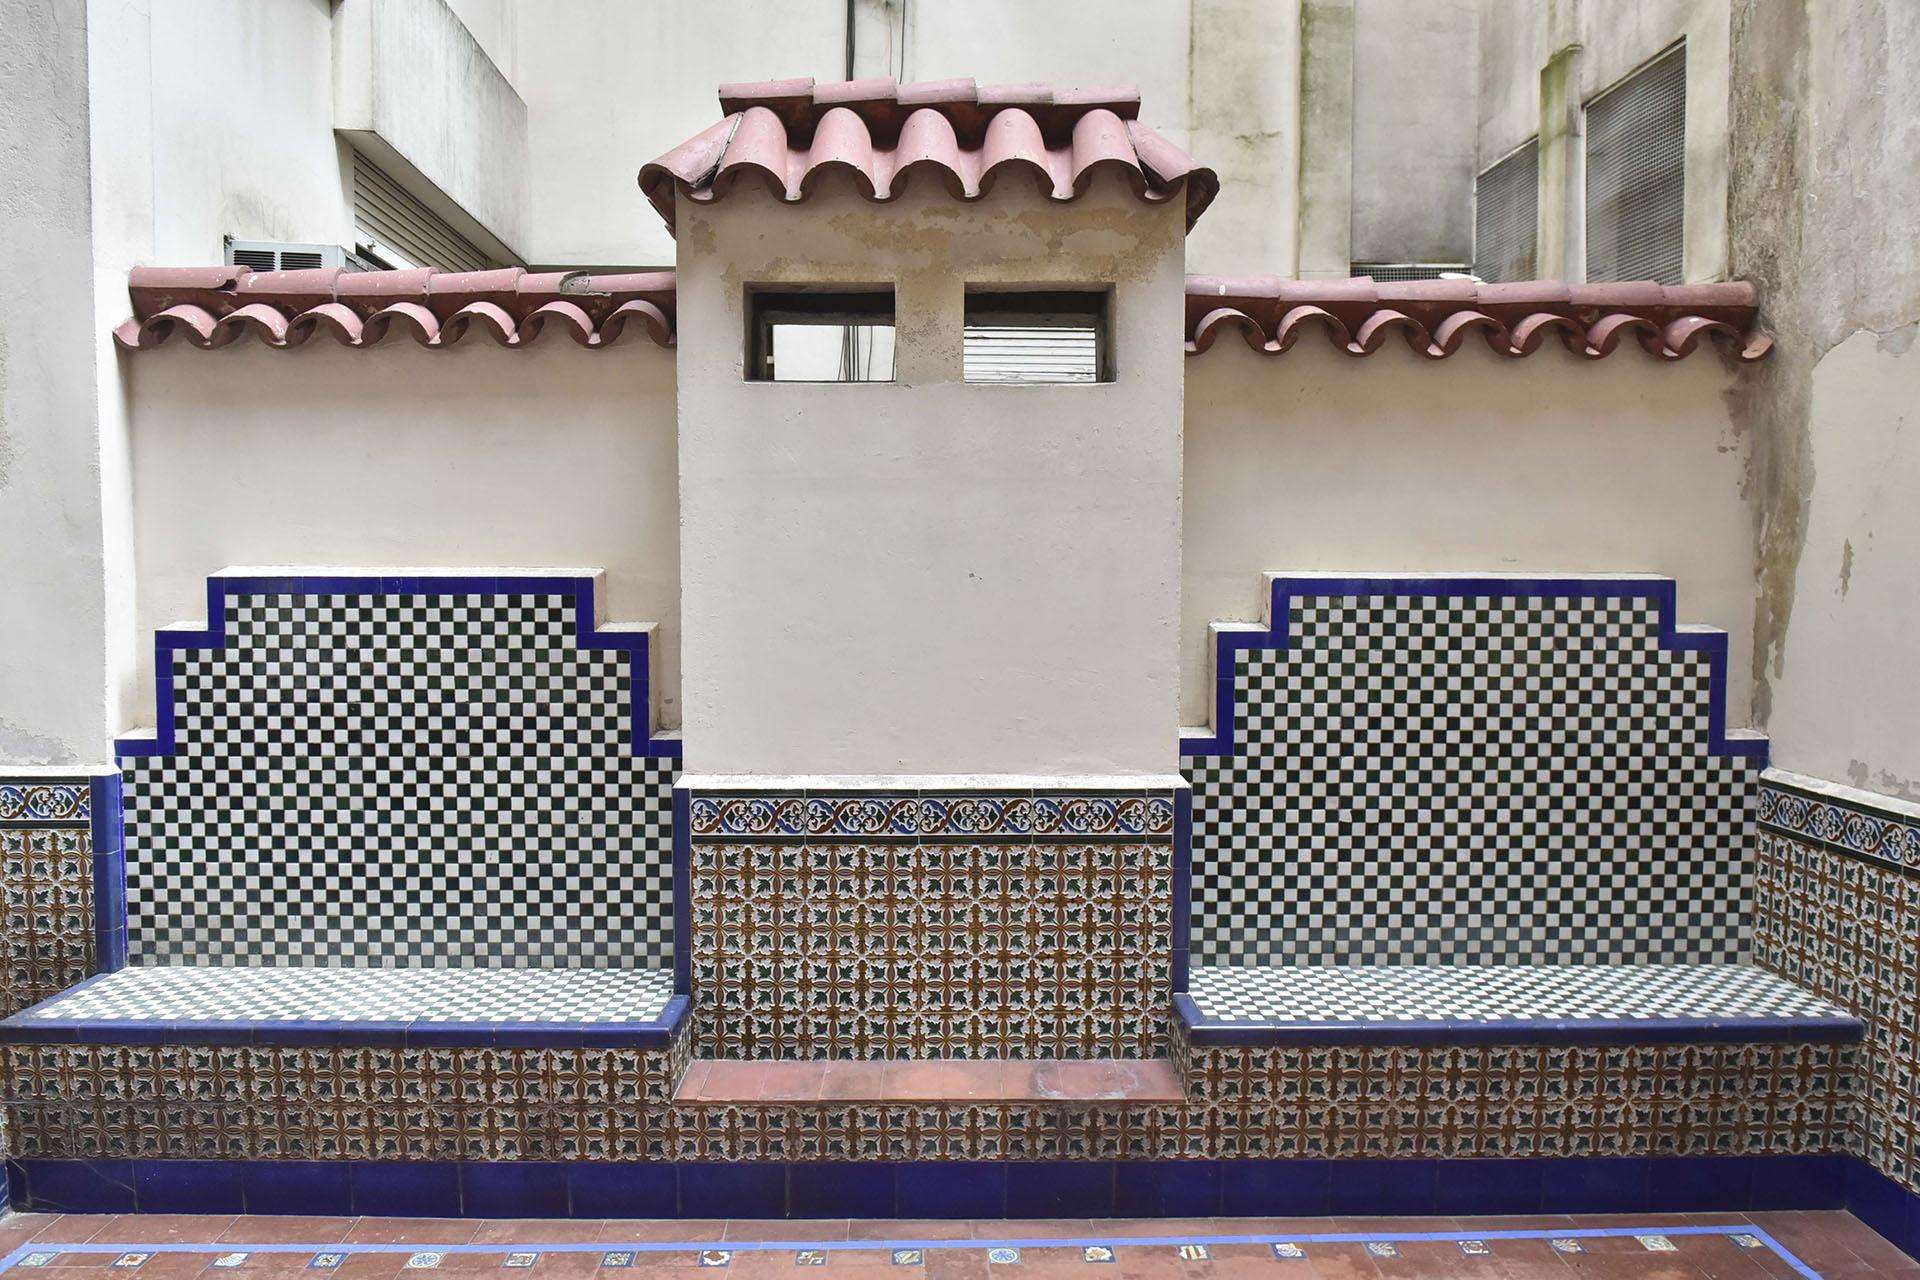 Oculto y desconocido para muchos, el edificio tiene un patio interno